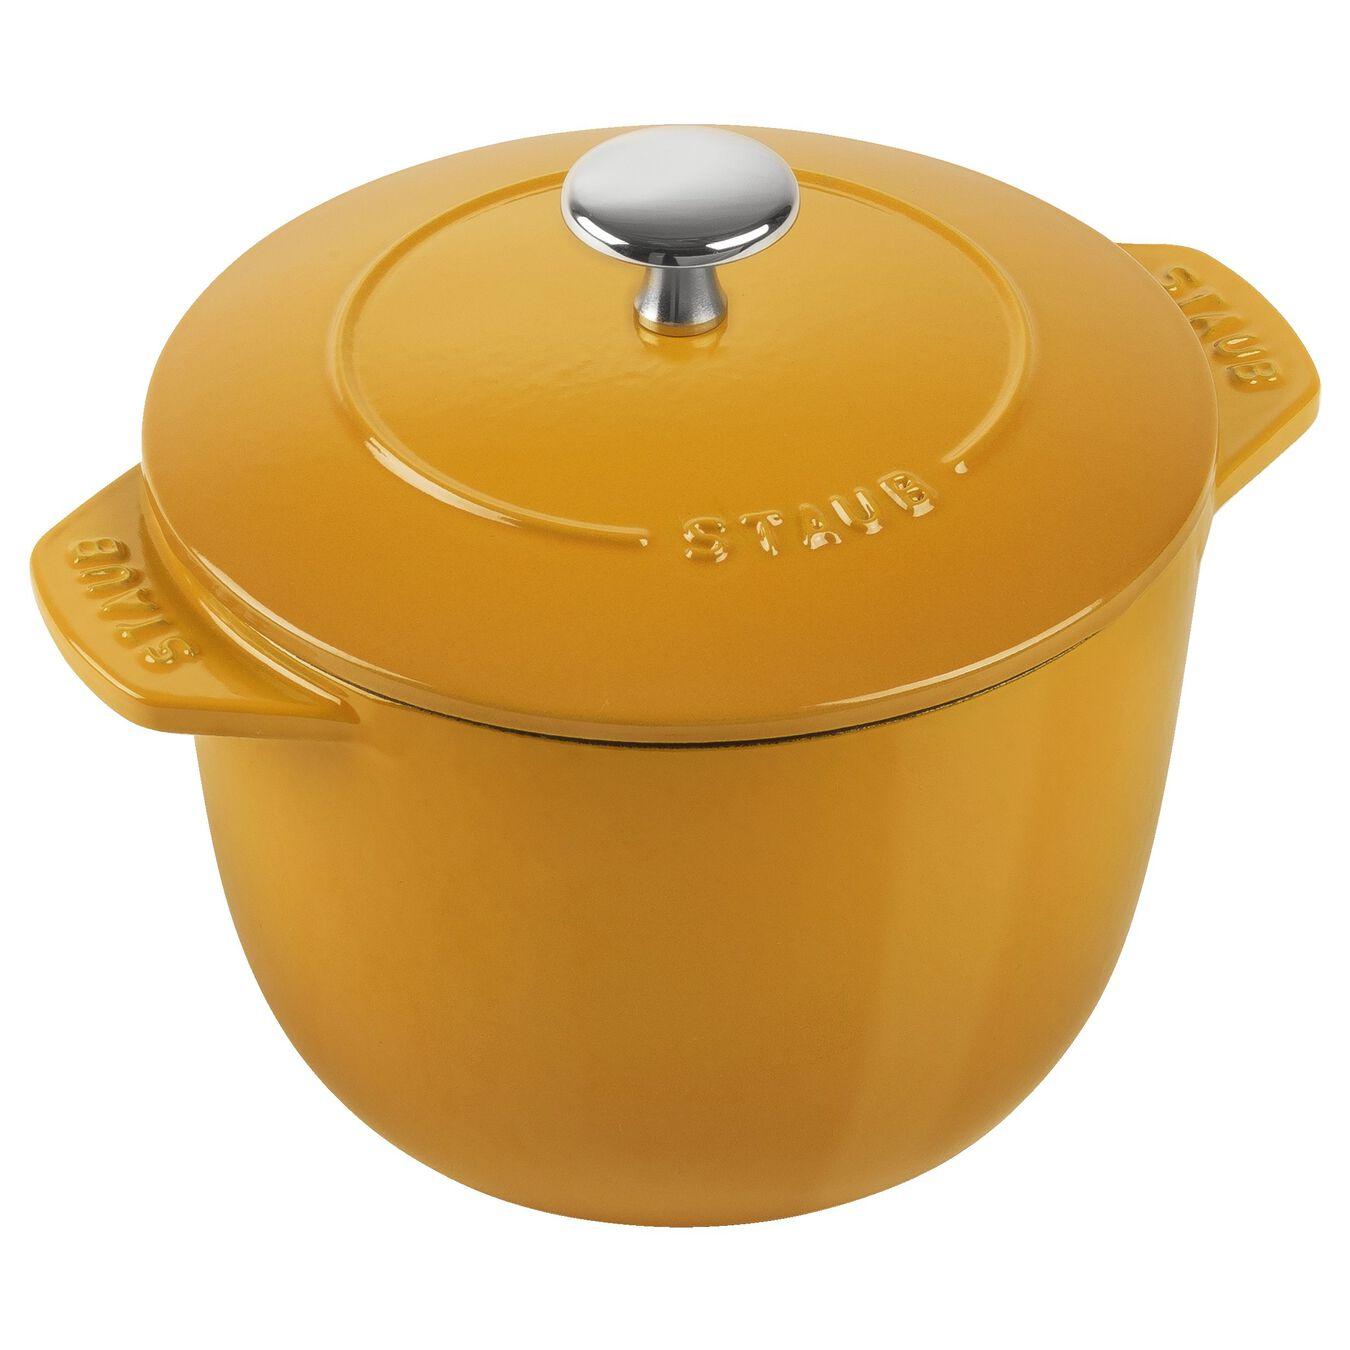 1.5-qt round Cast iron Rice Cocotte, Saffron,,large 1